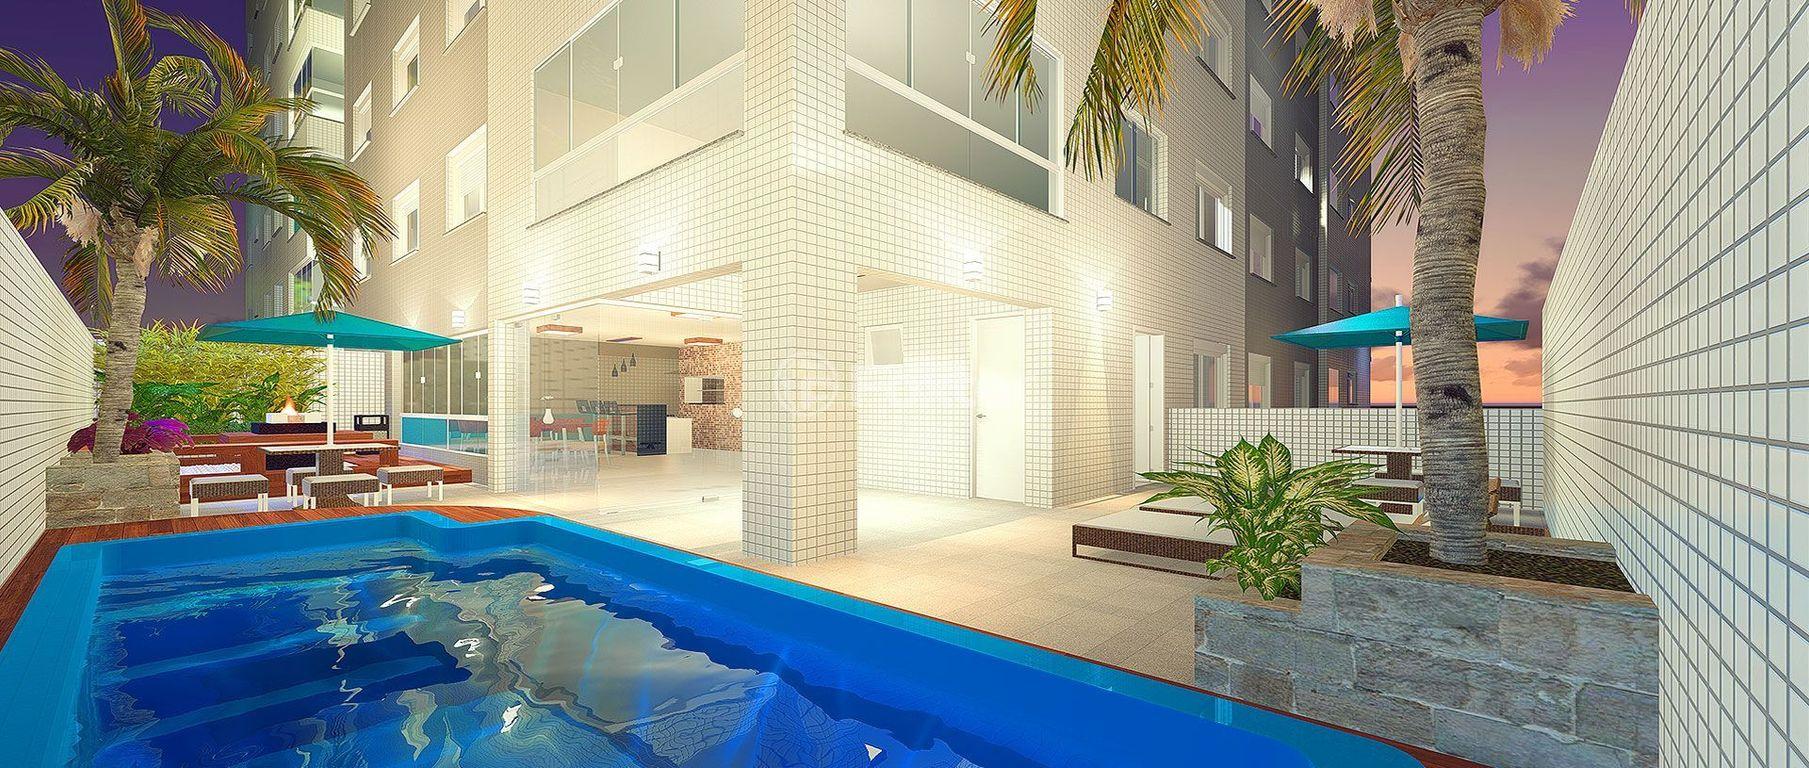 Foxter Imobiliária - Apto 2 Dorm, Centro (145844) - Foto 12